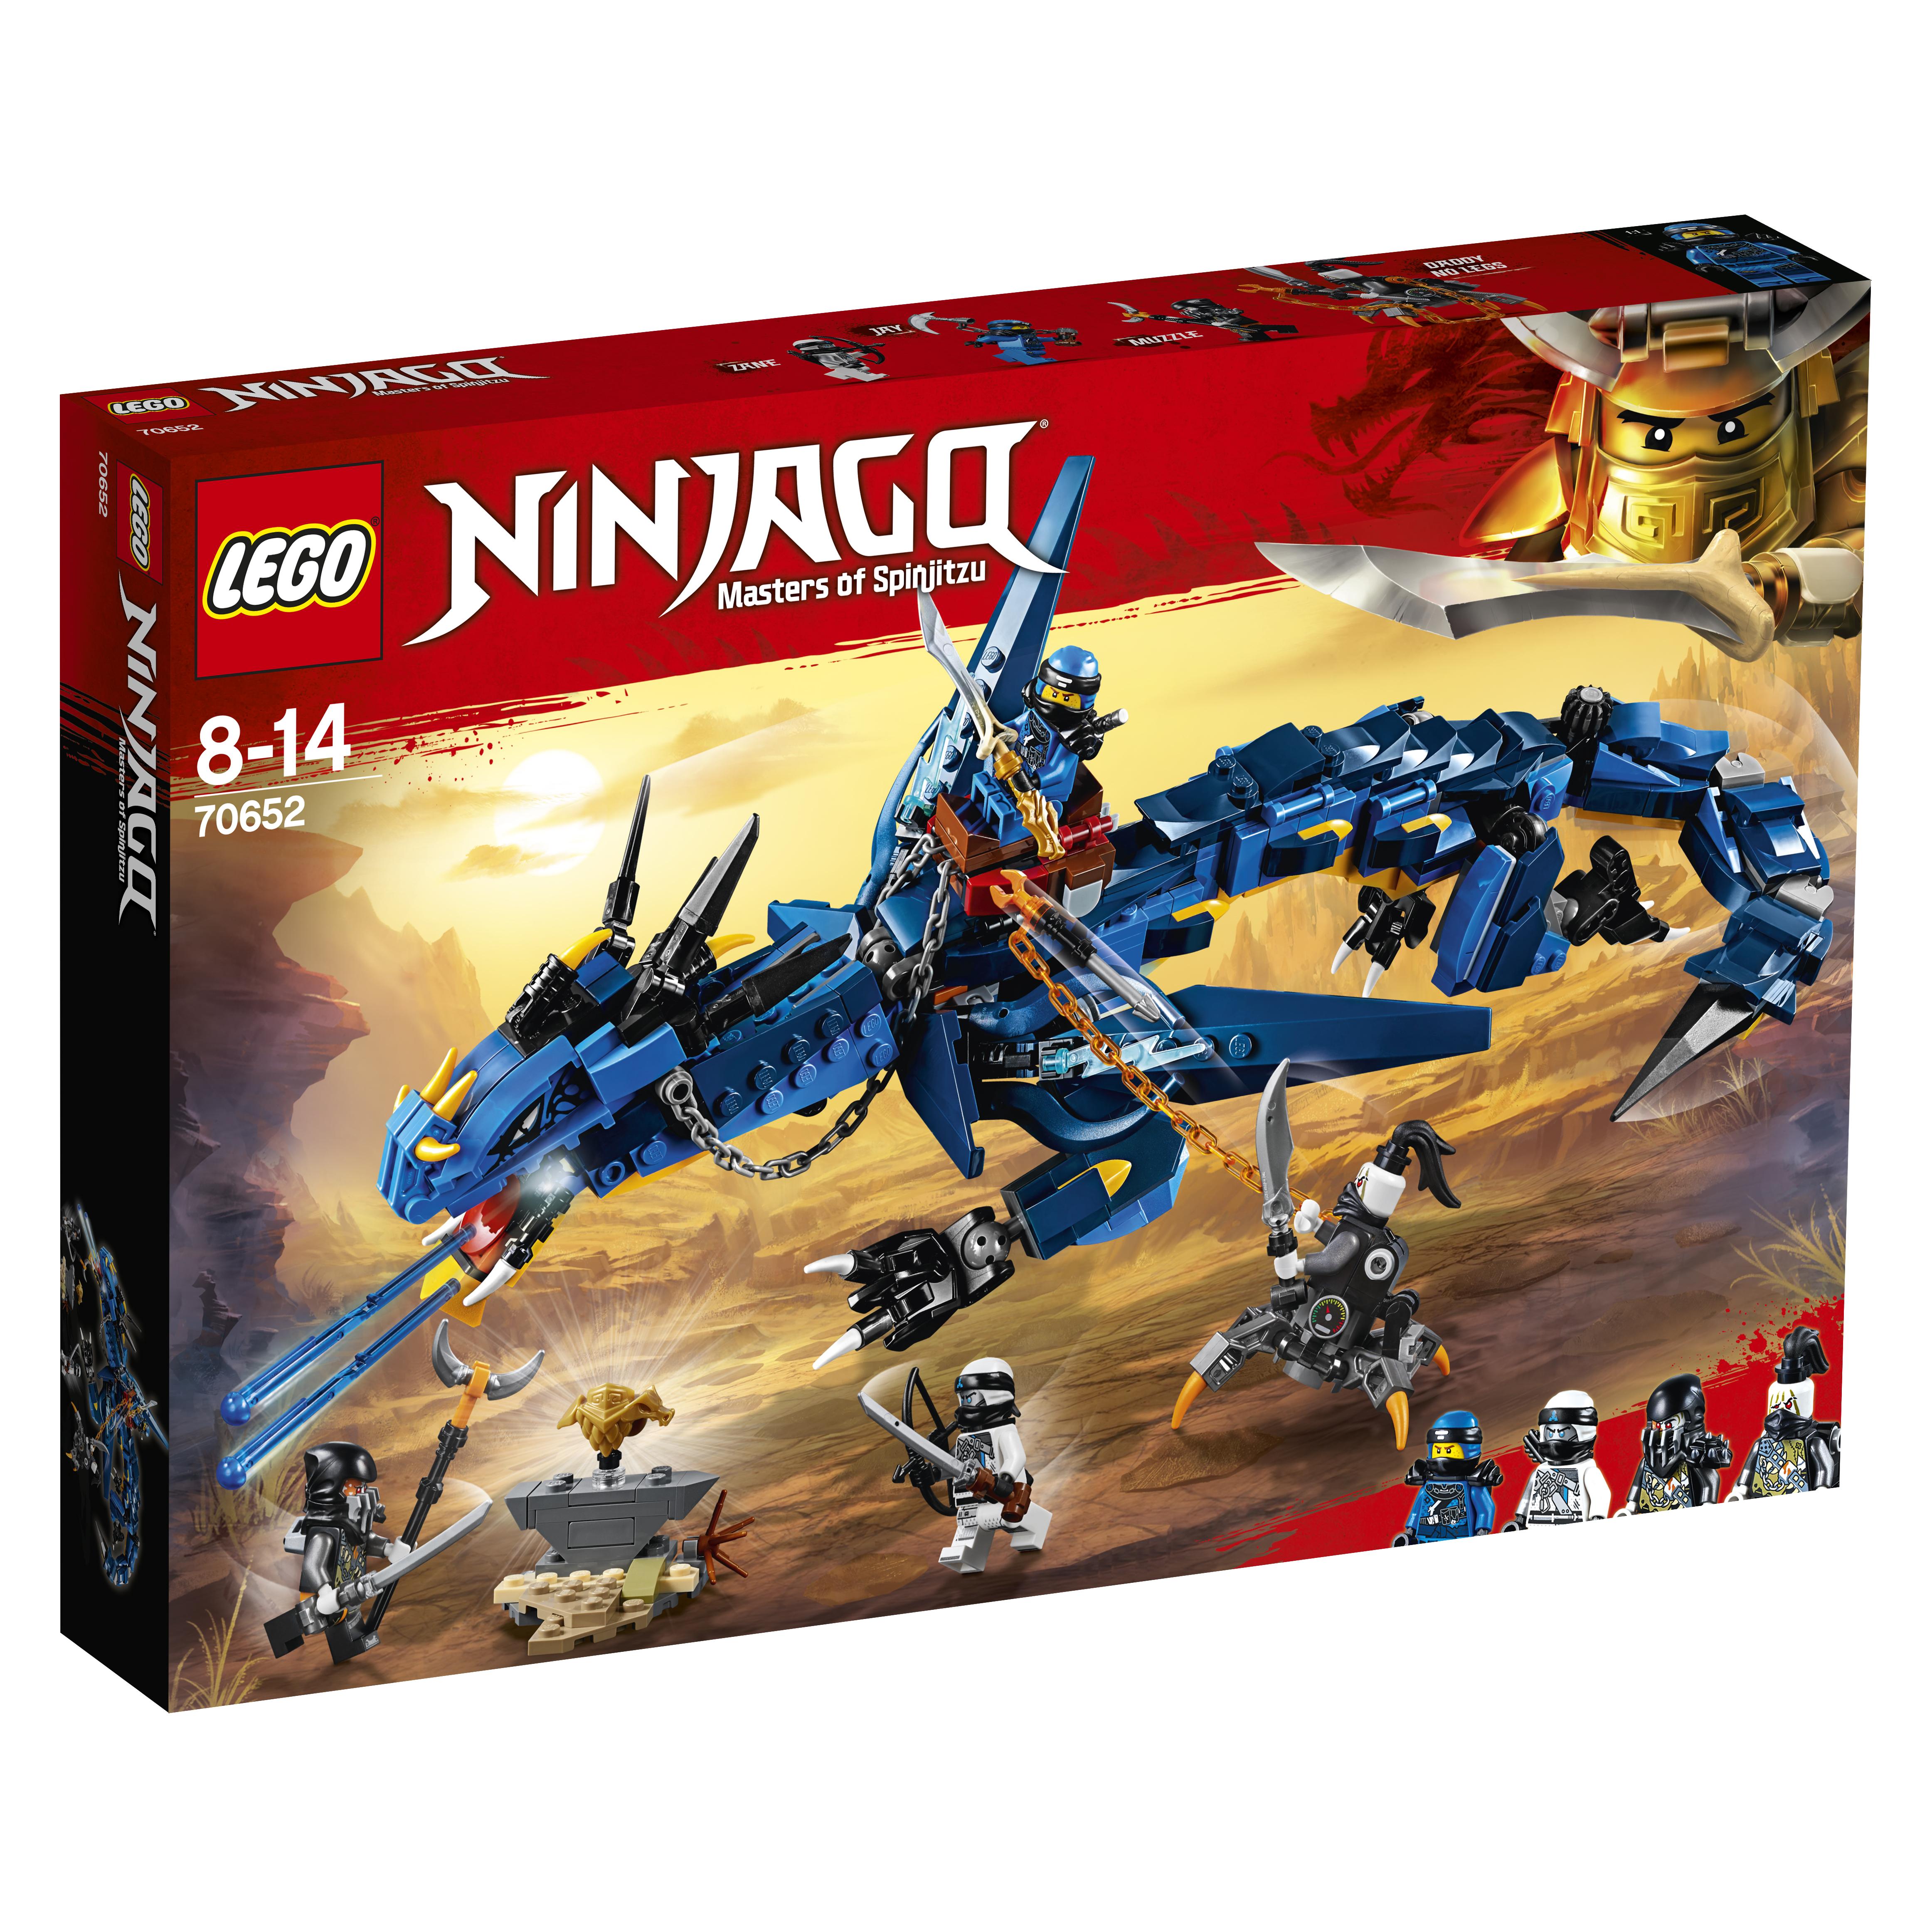 Конструктор LEGO Ninjago 70652 Вестник бури конструктор lego ninjago вестник бури 70652